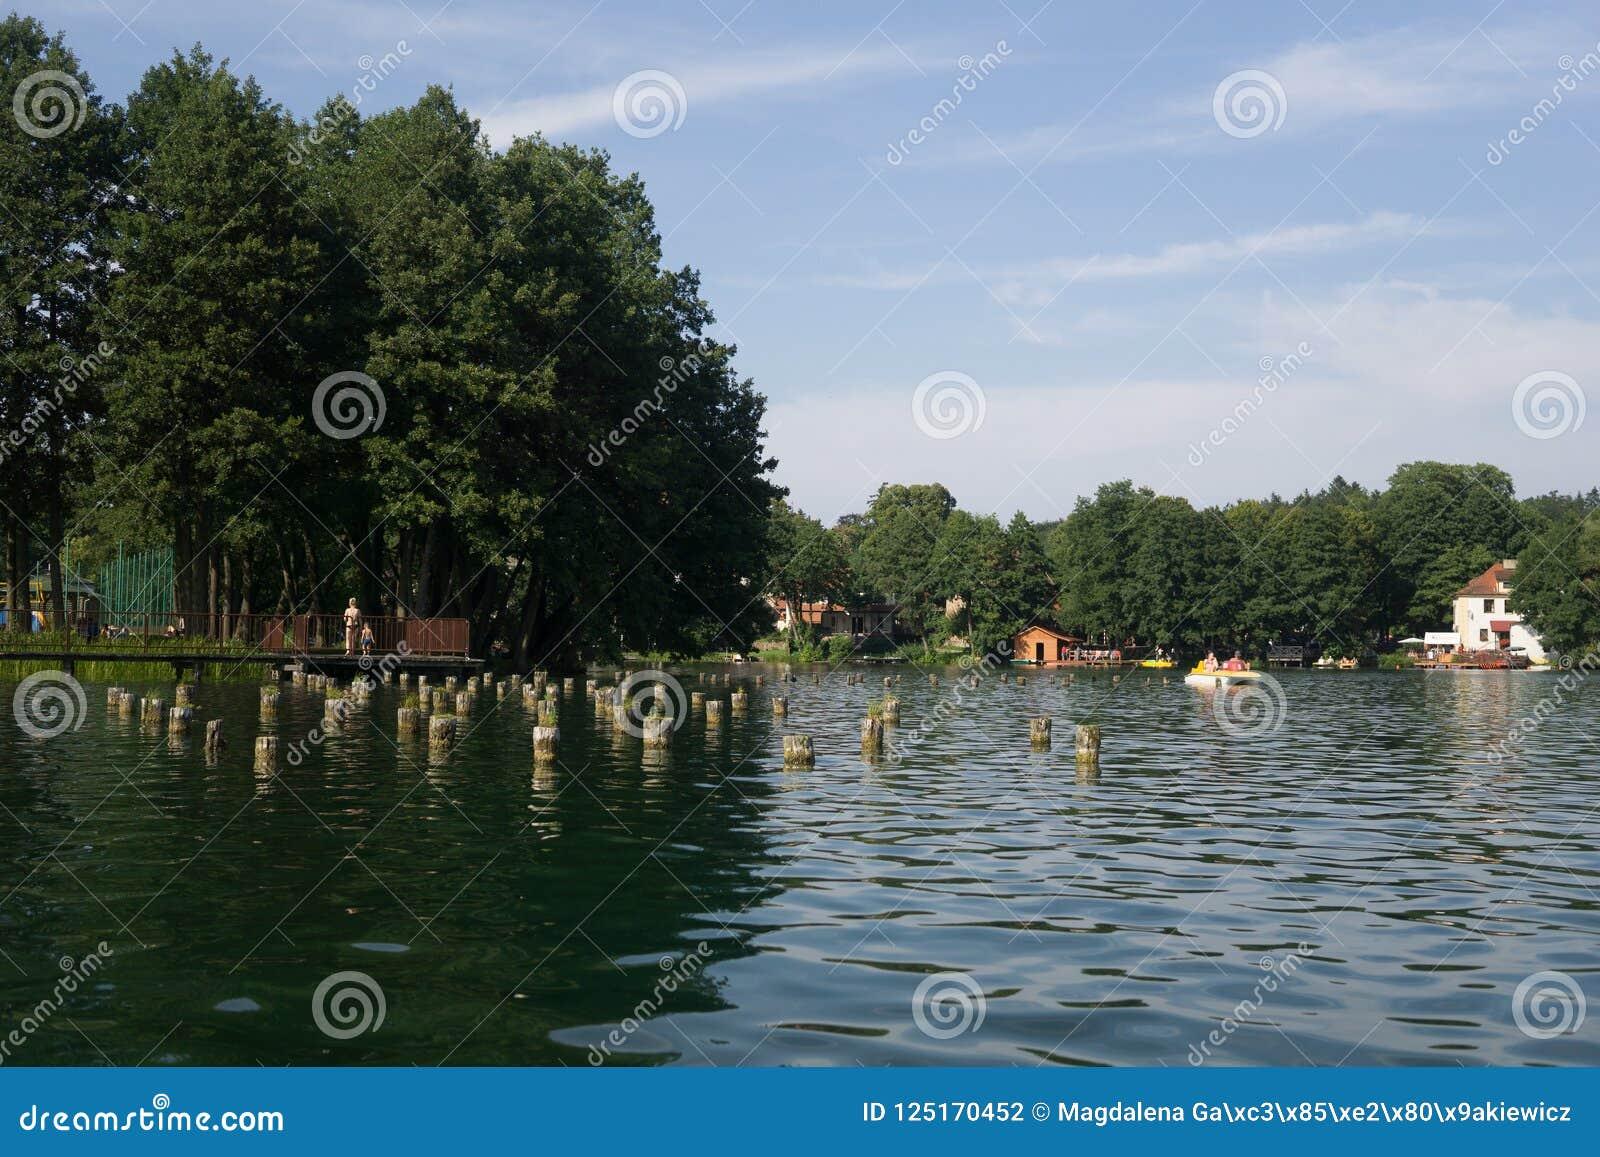 På sjön i sommar